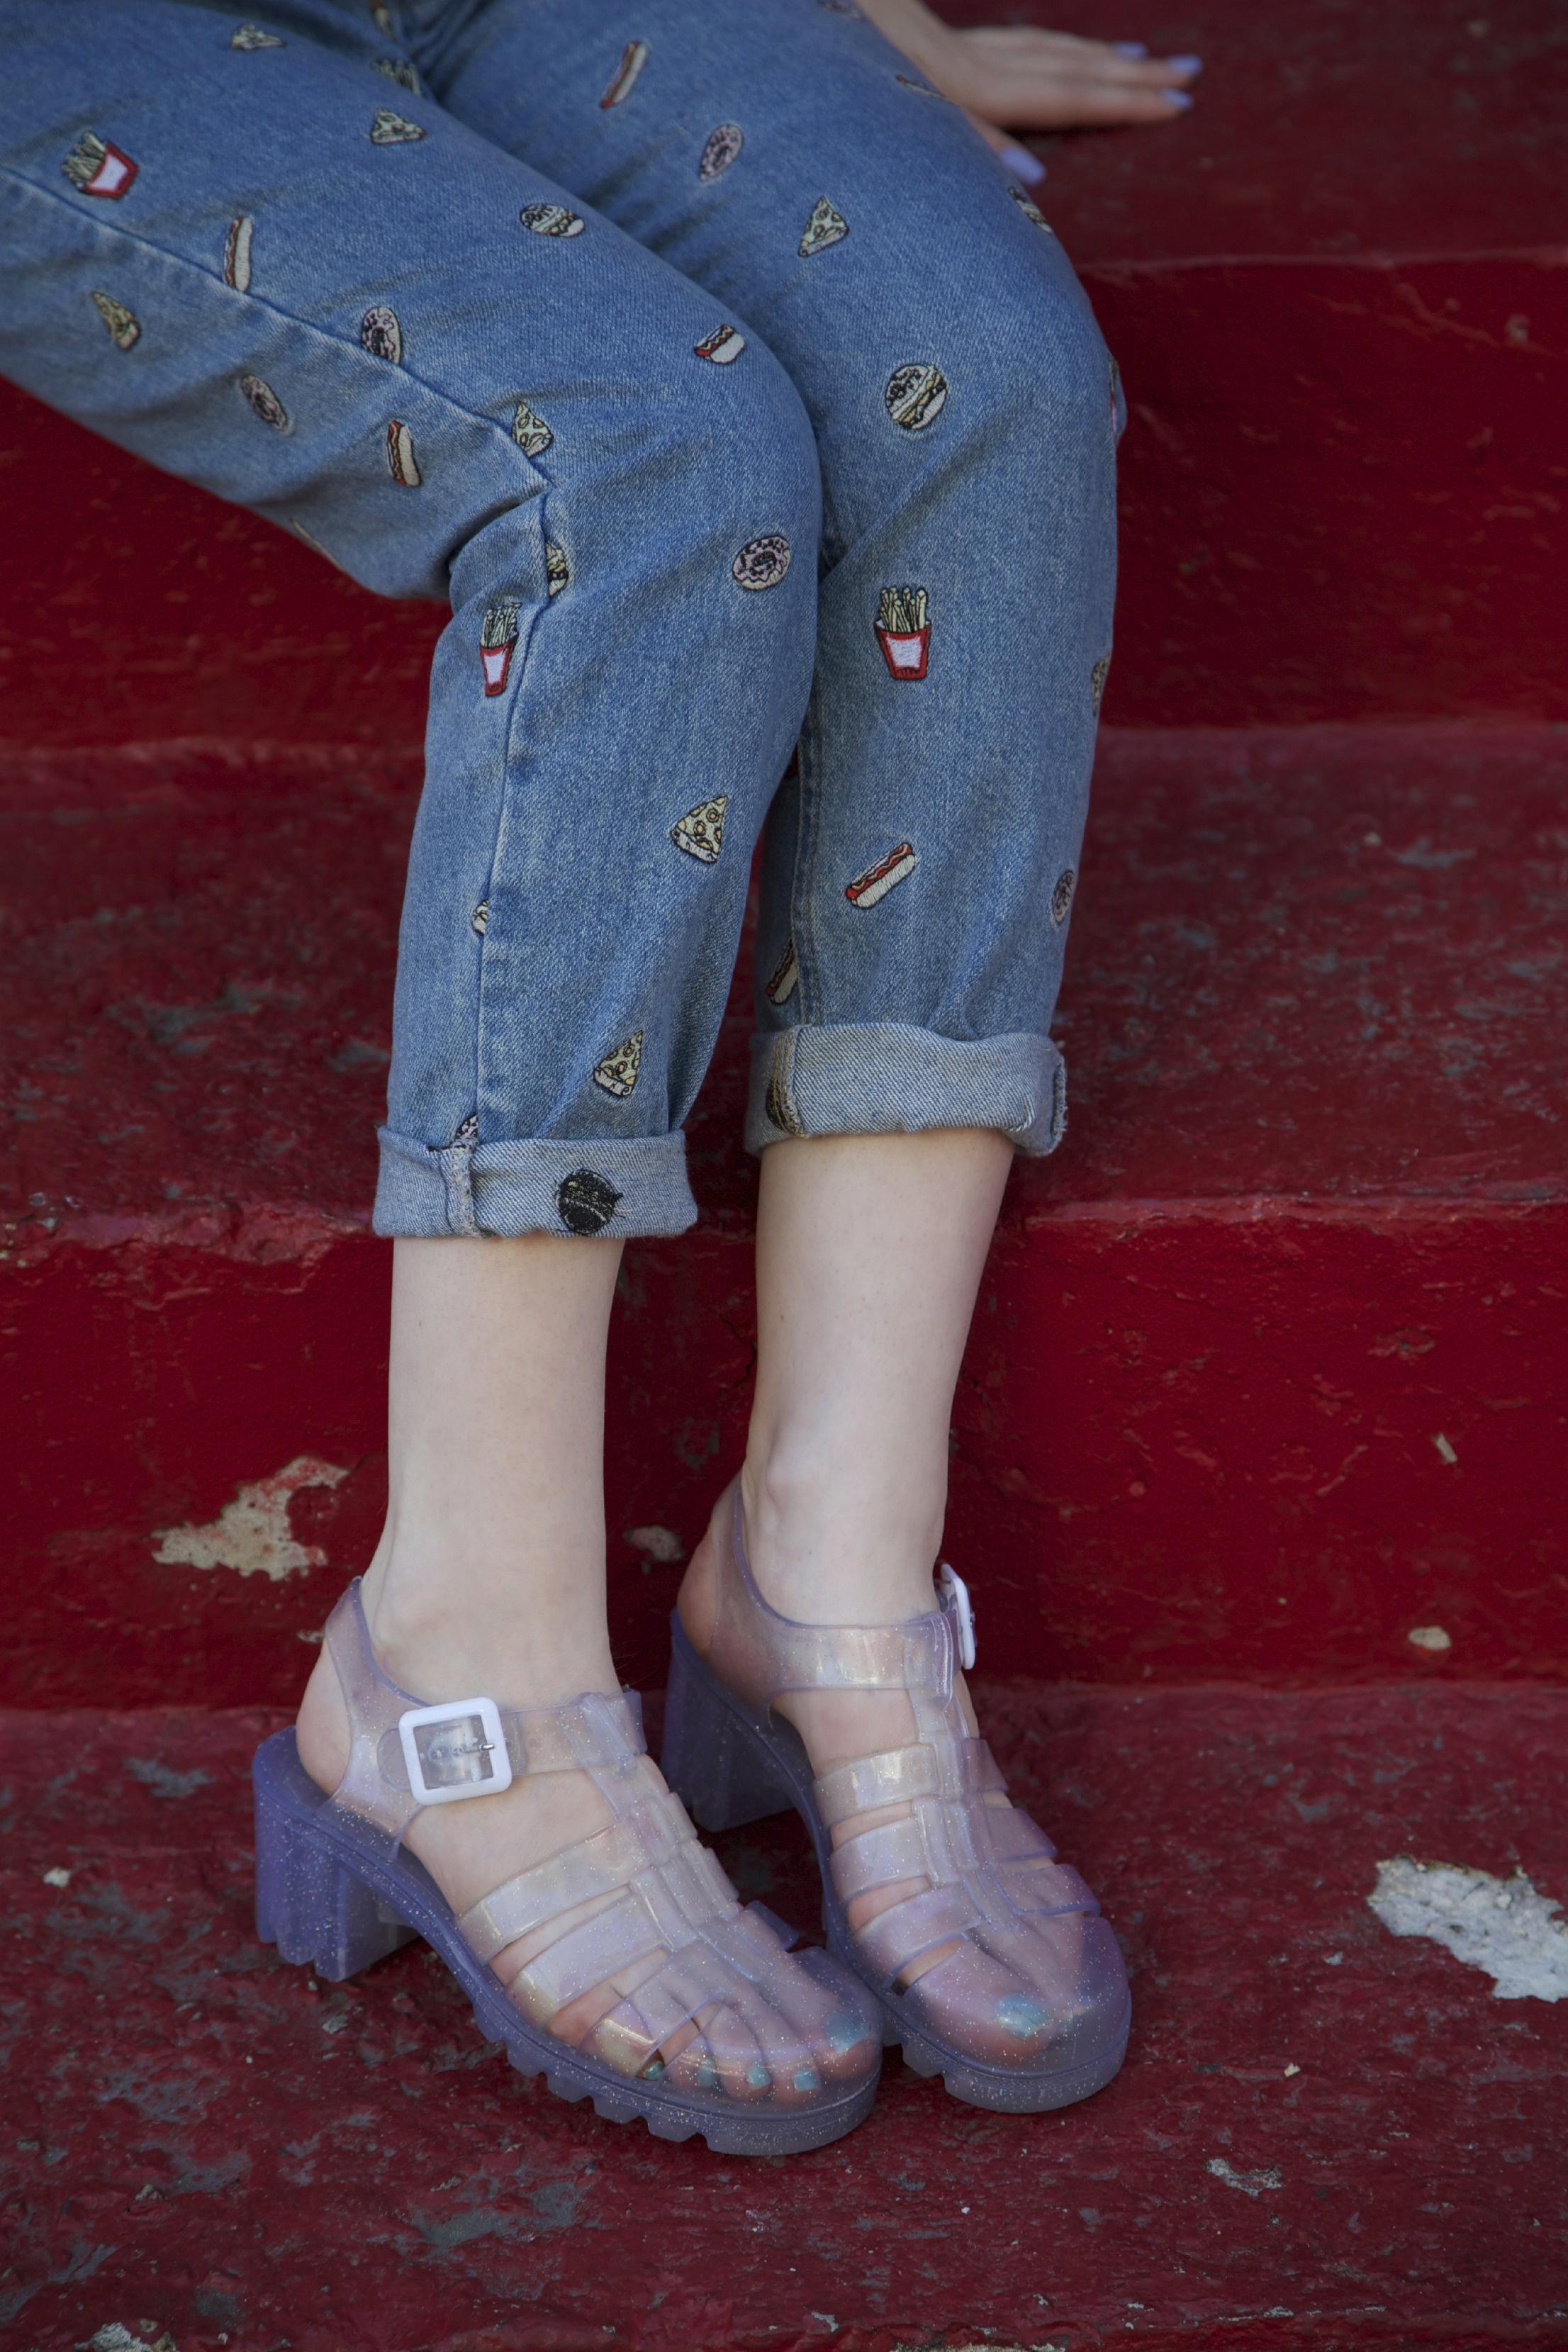 annie feet